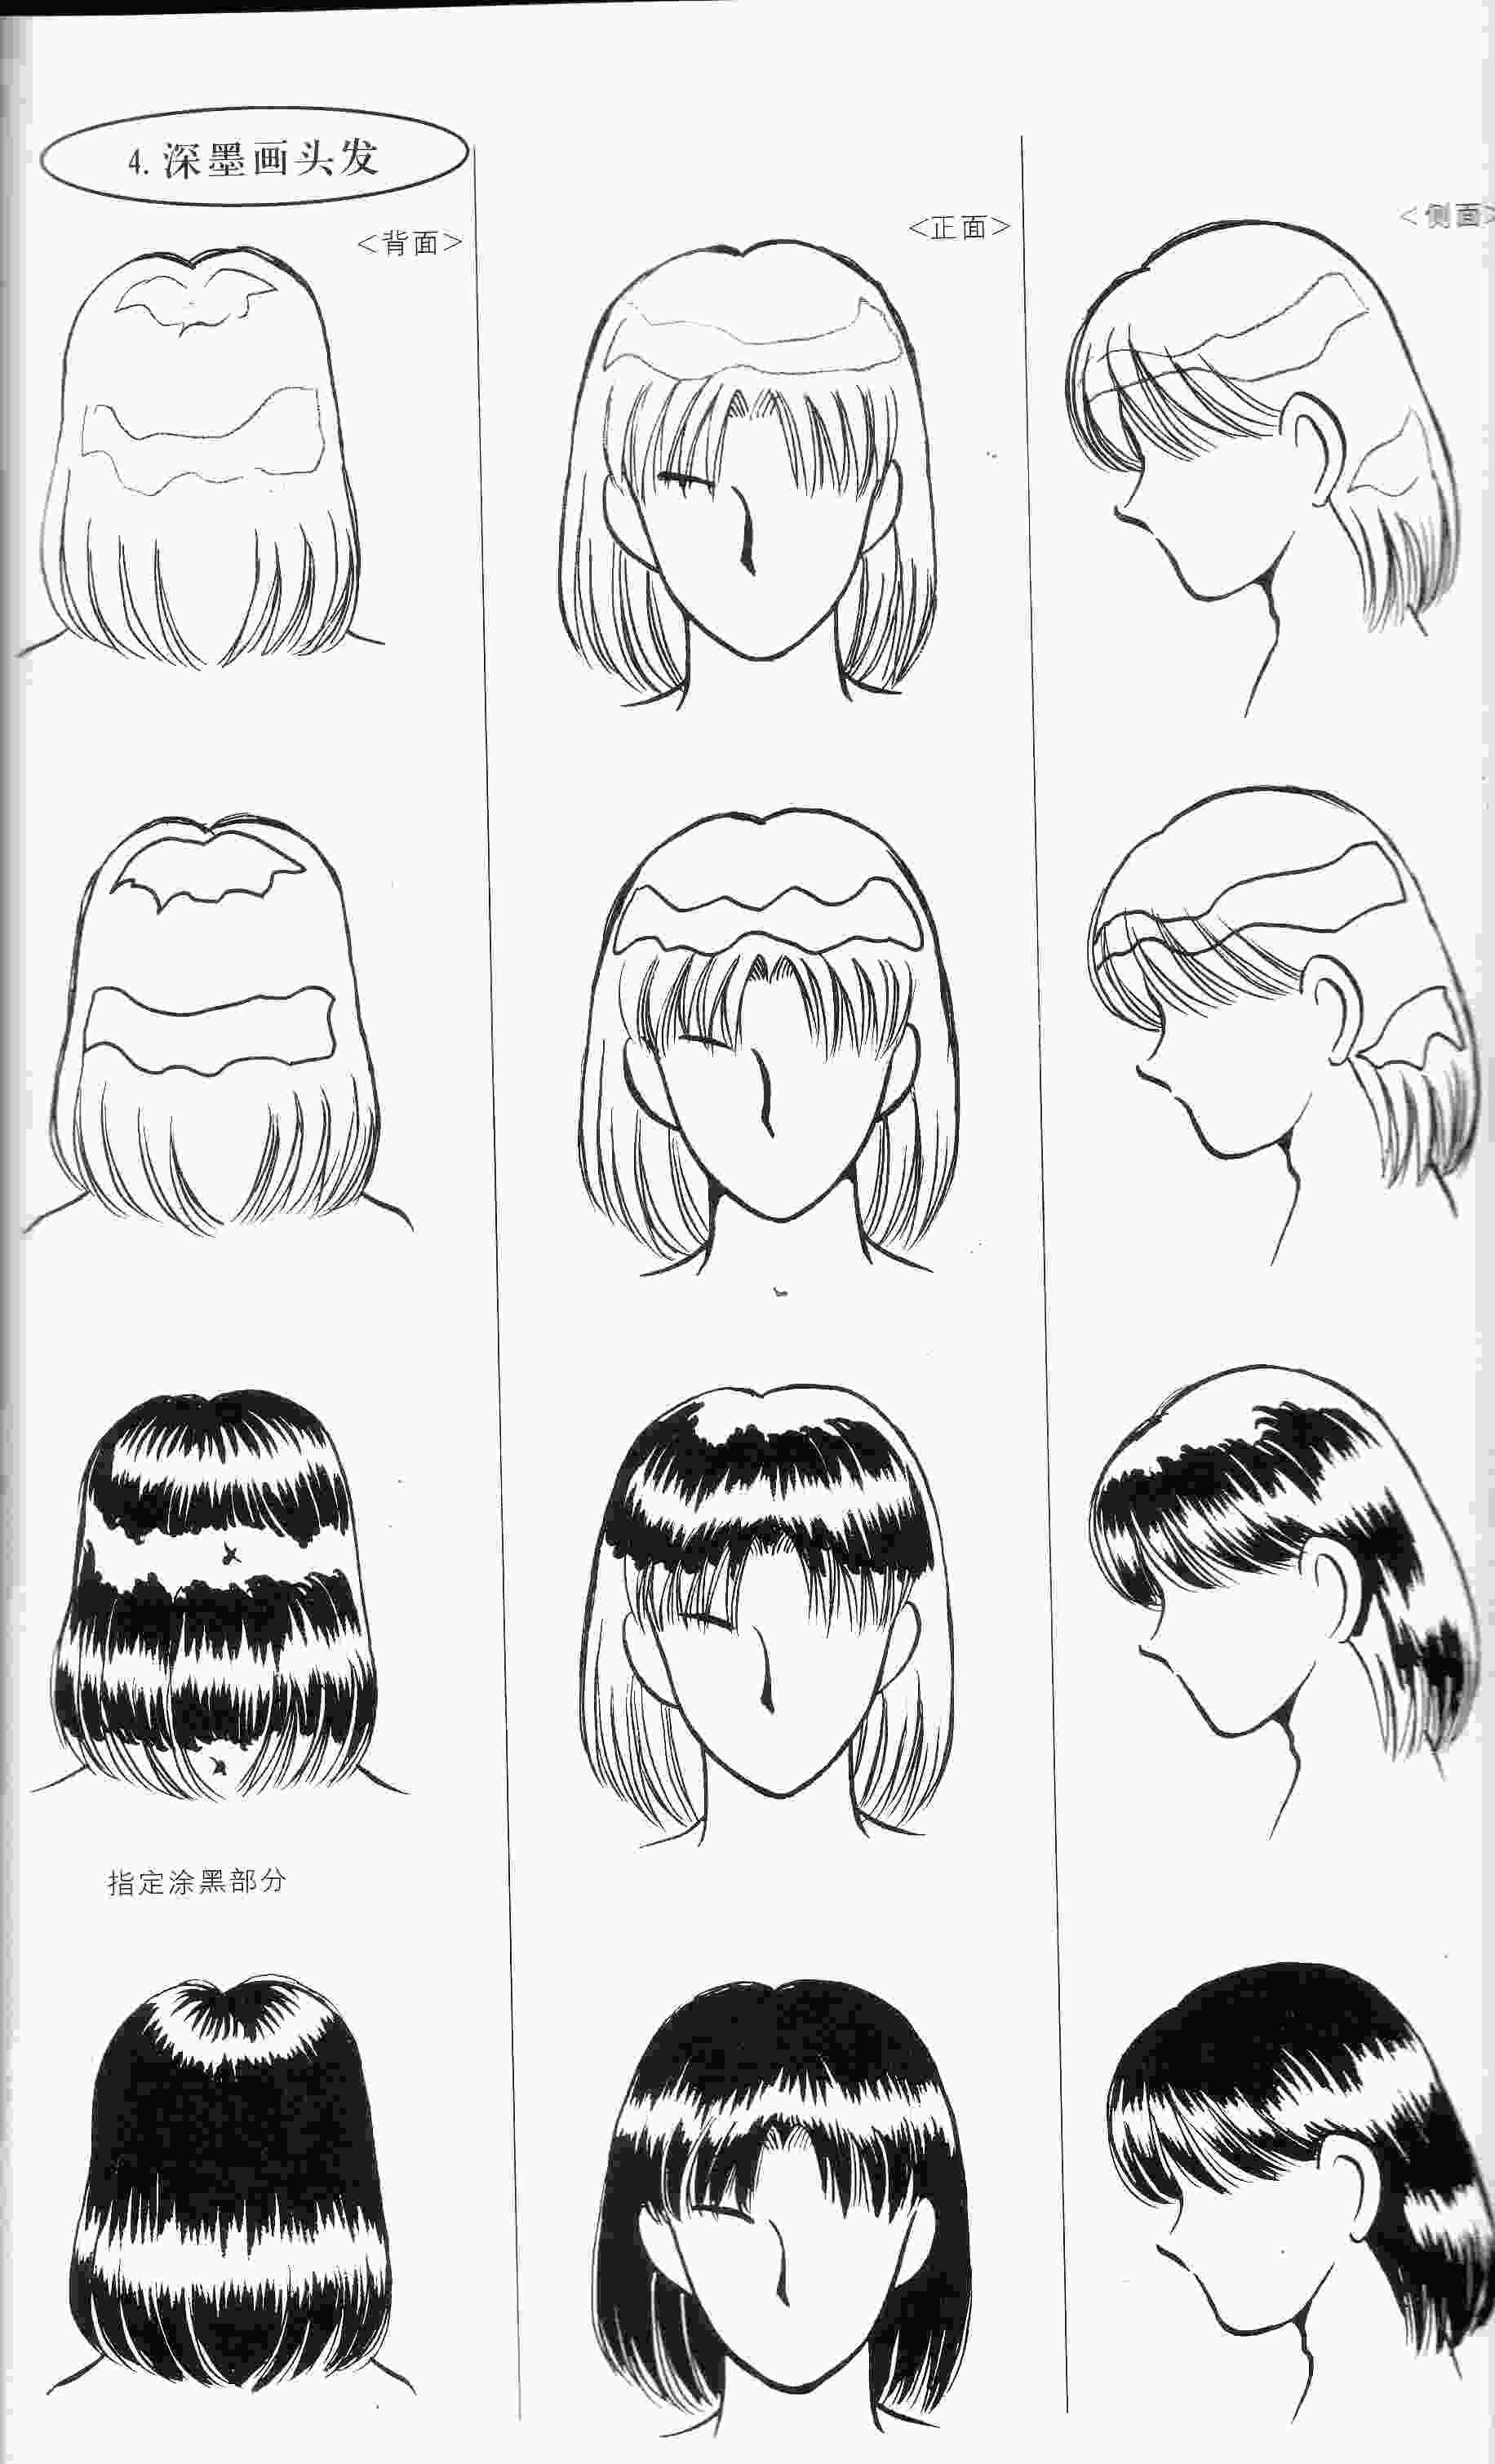 人物发型画法教程漫画人物男生发型画法漫画人物